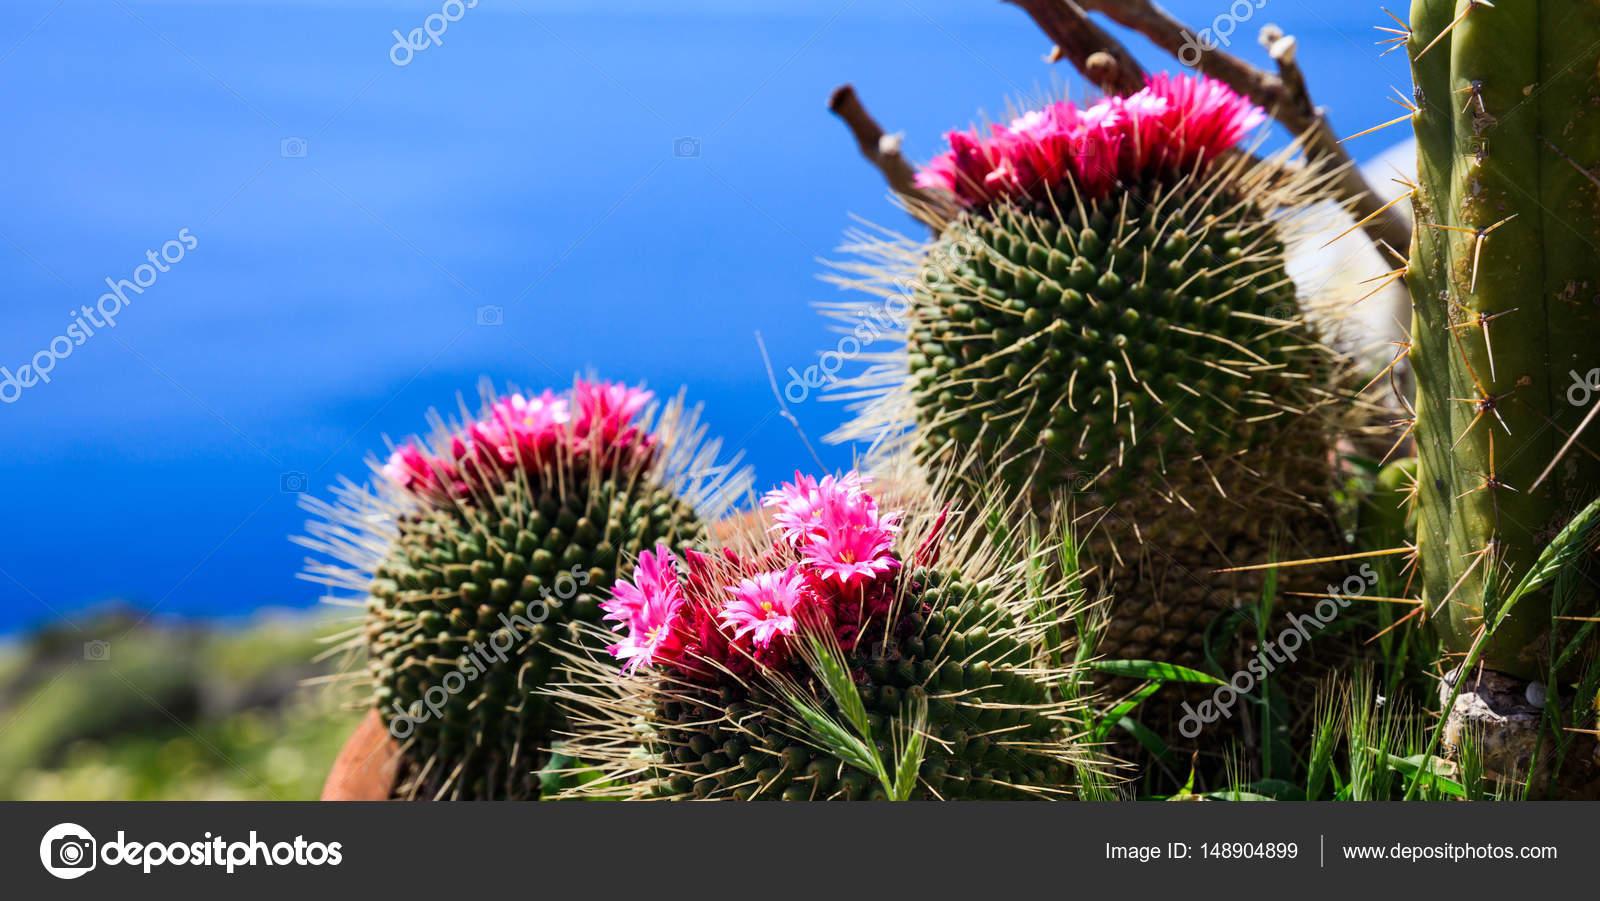 Cactus fleuri sur fond bleu — Photographie gioiak2 © #148904899